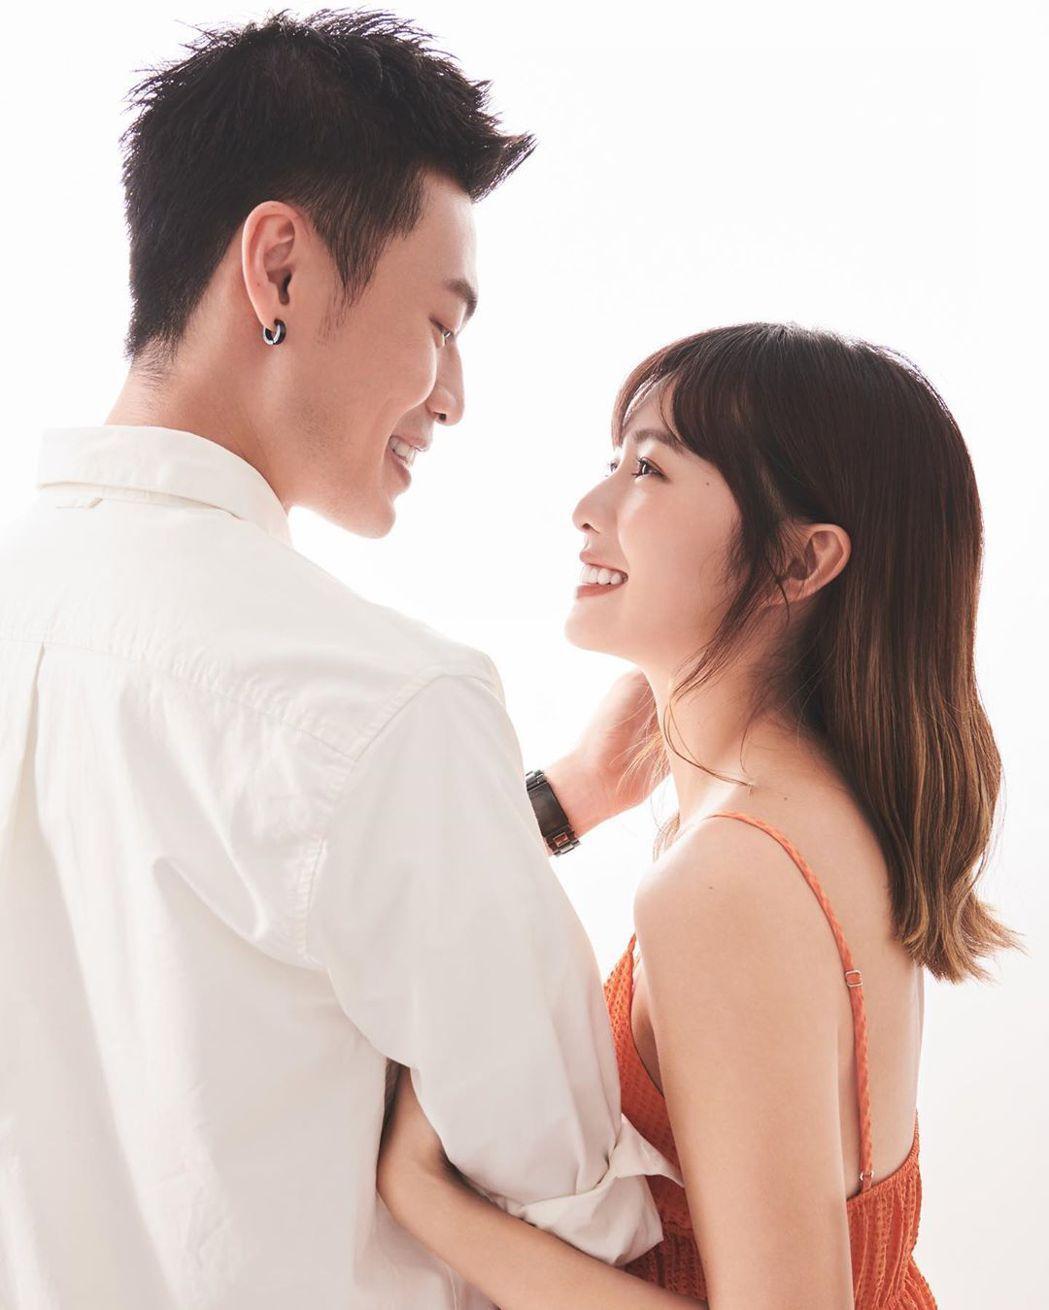 簡廷芮宣告結婚喜訊。 圖/擷自簡廷芮IG